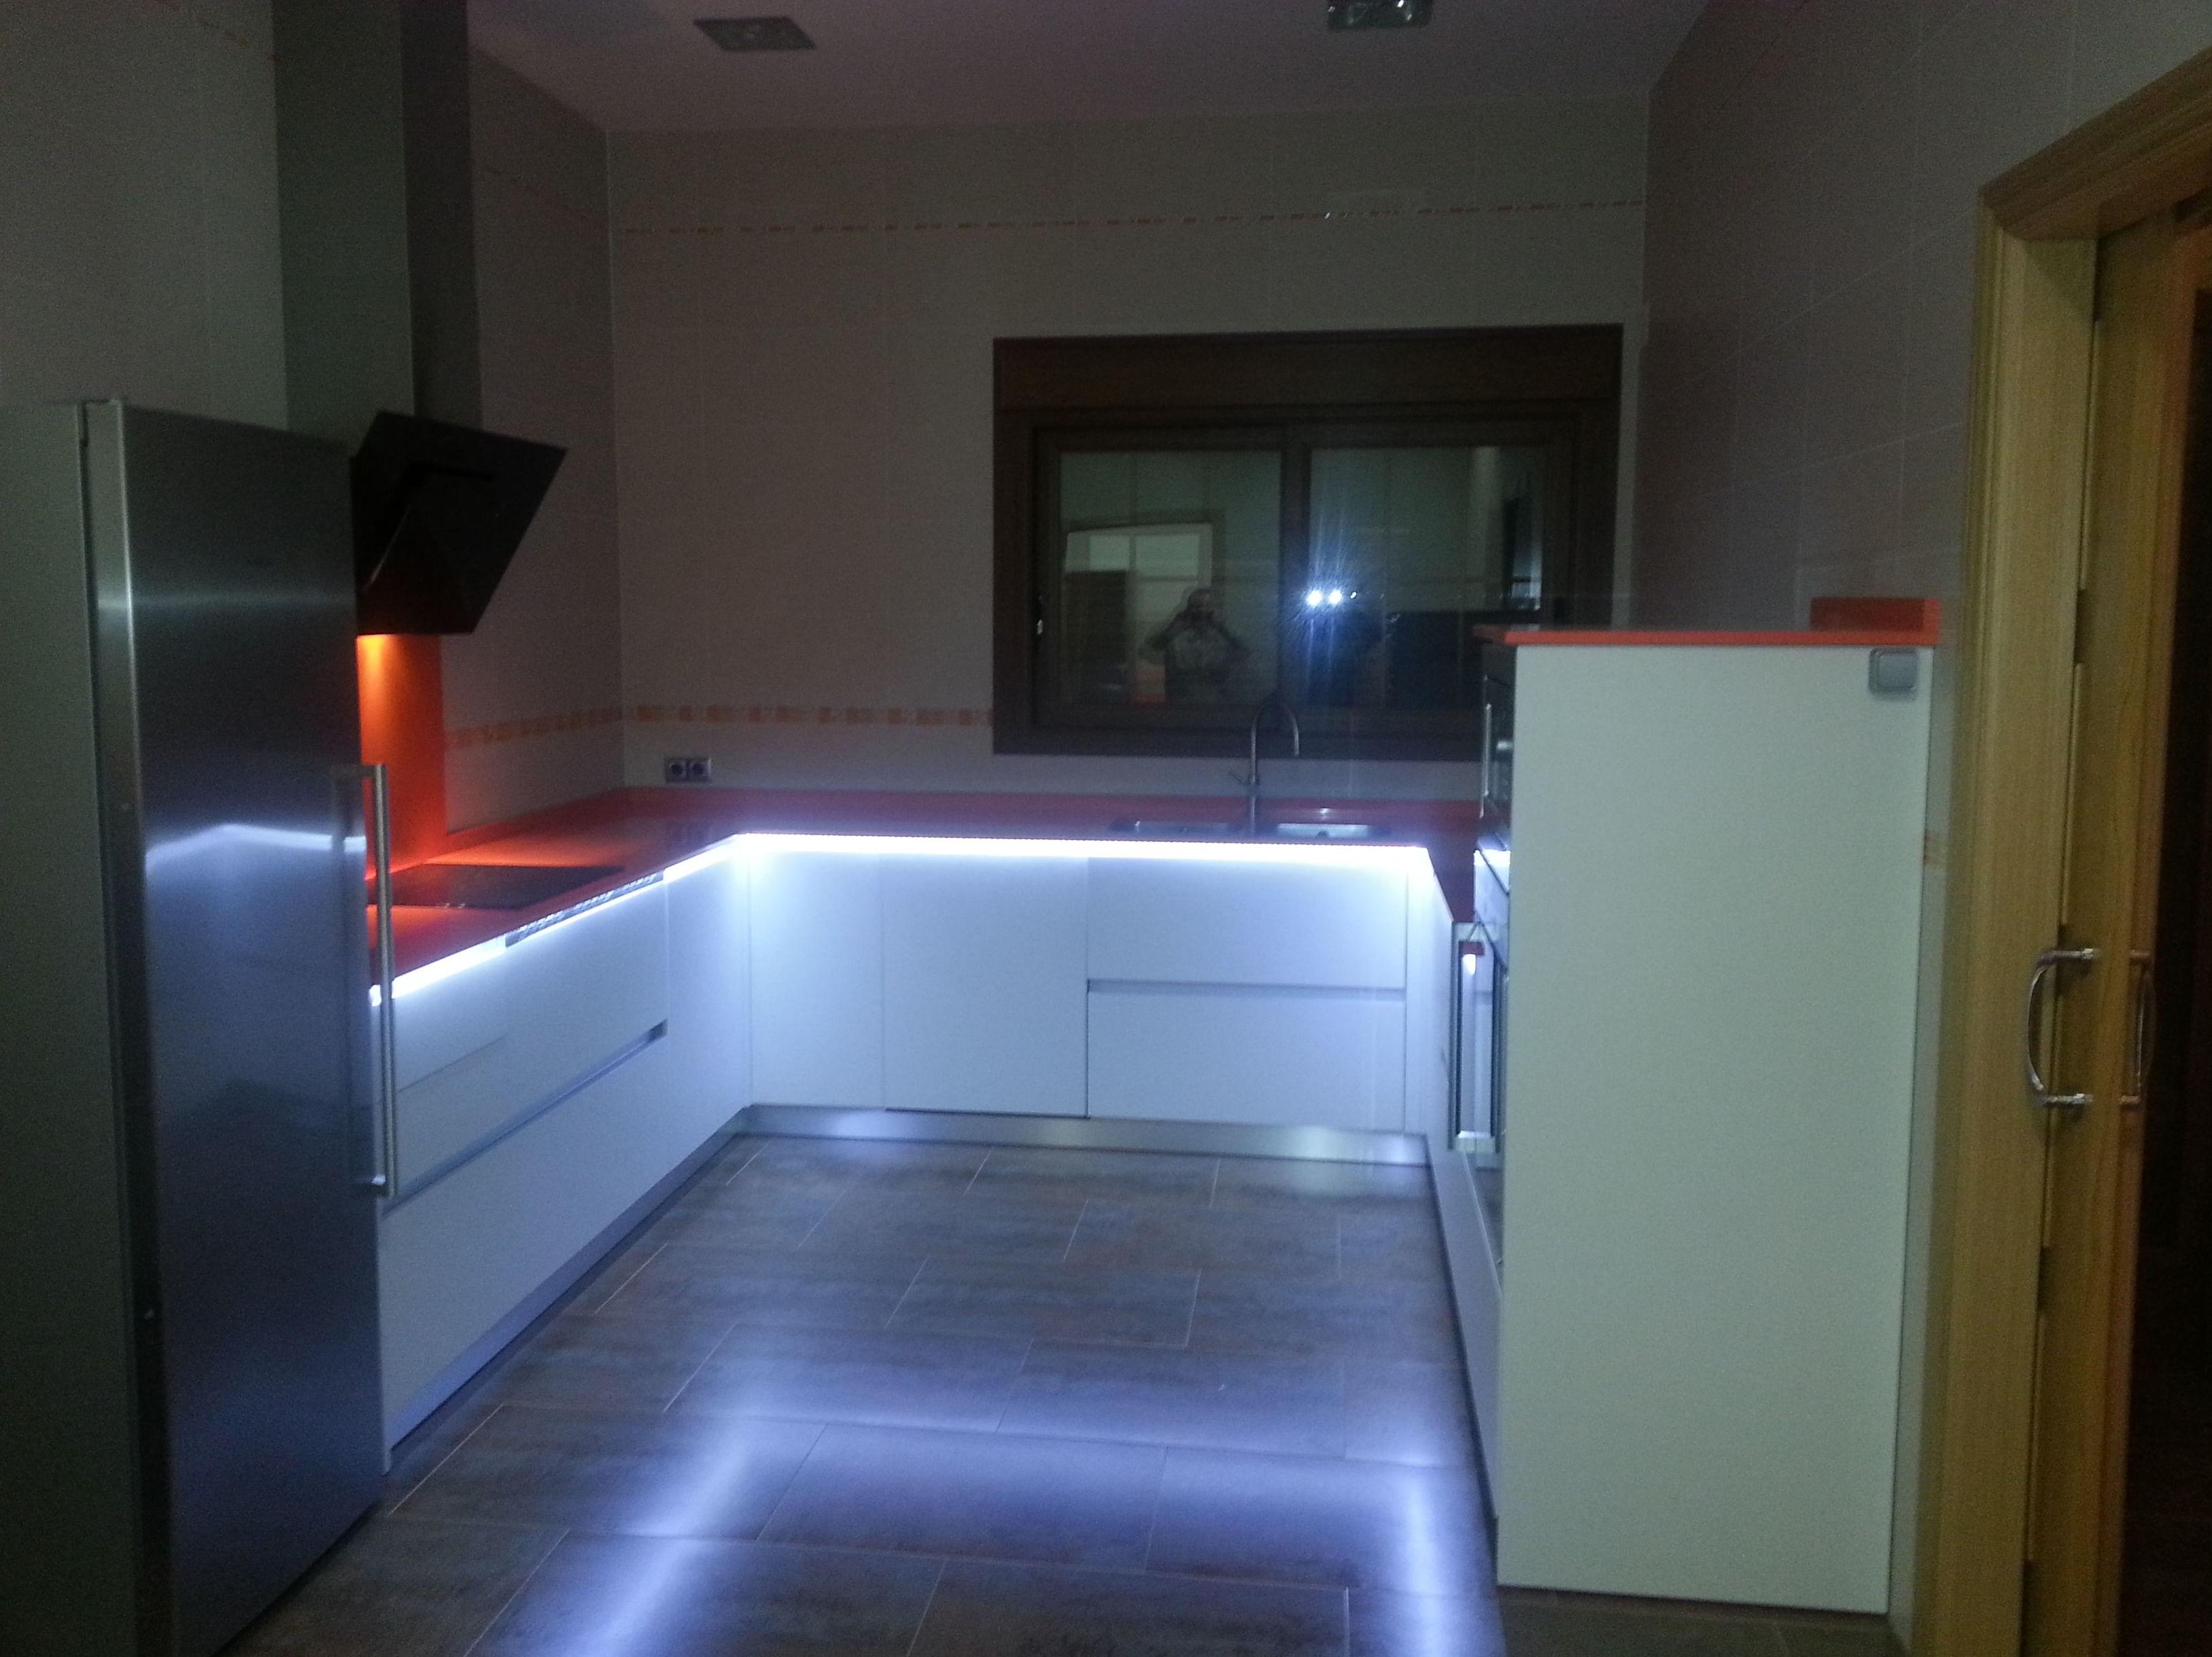 Foto 20 de Muebles de baño y cocina en Madrid | Estudios y Proyectos de Cocina Moderna